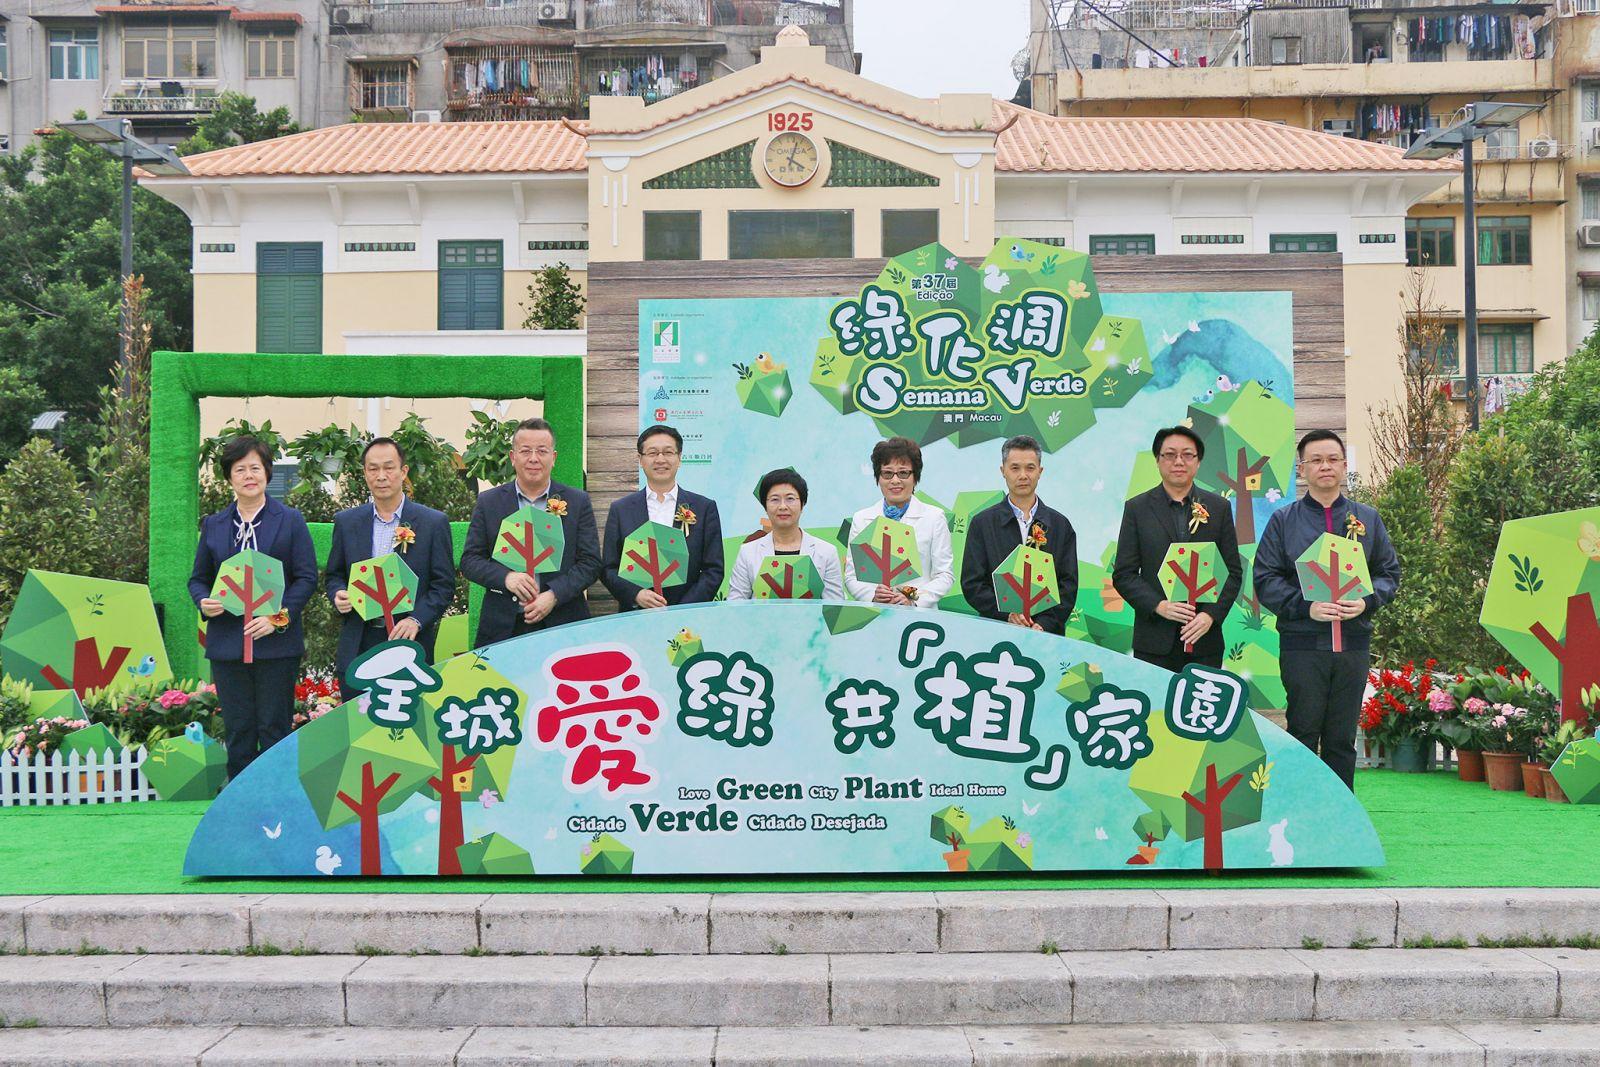 鼓勵市民參與城市綠化